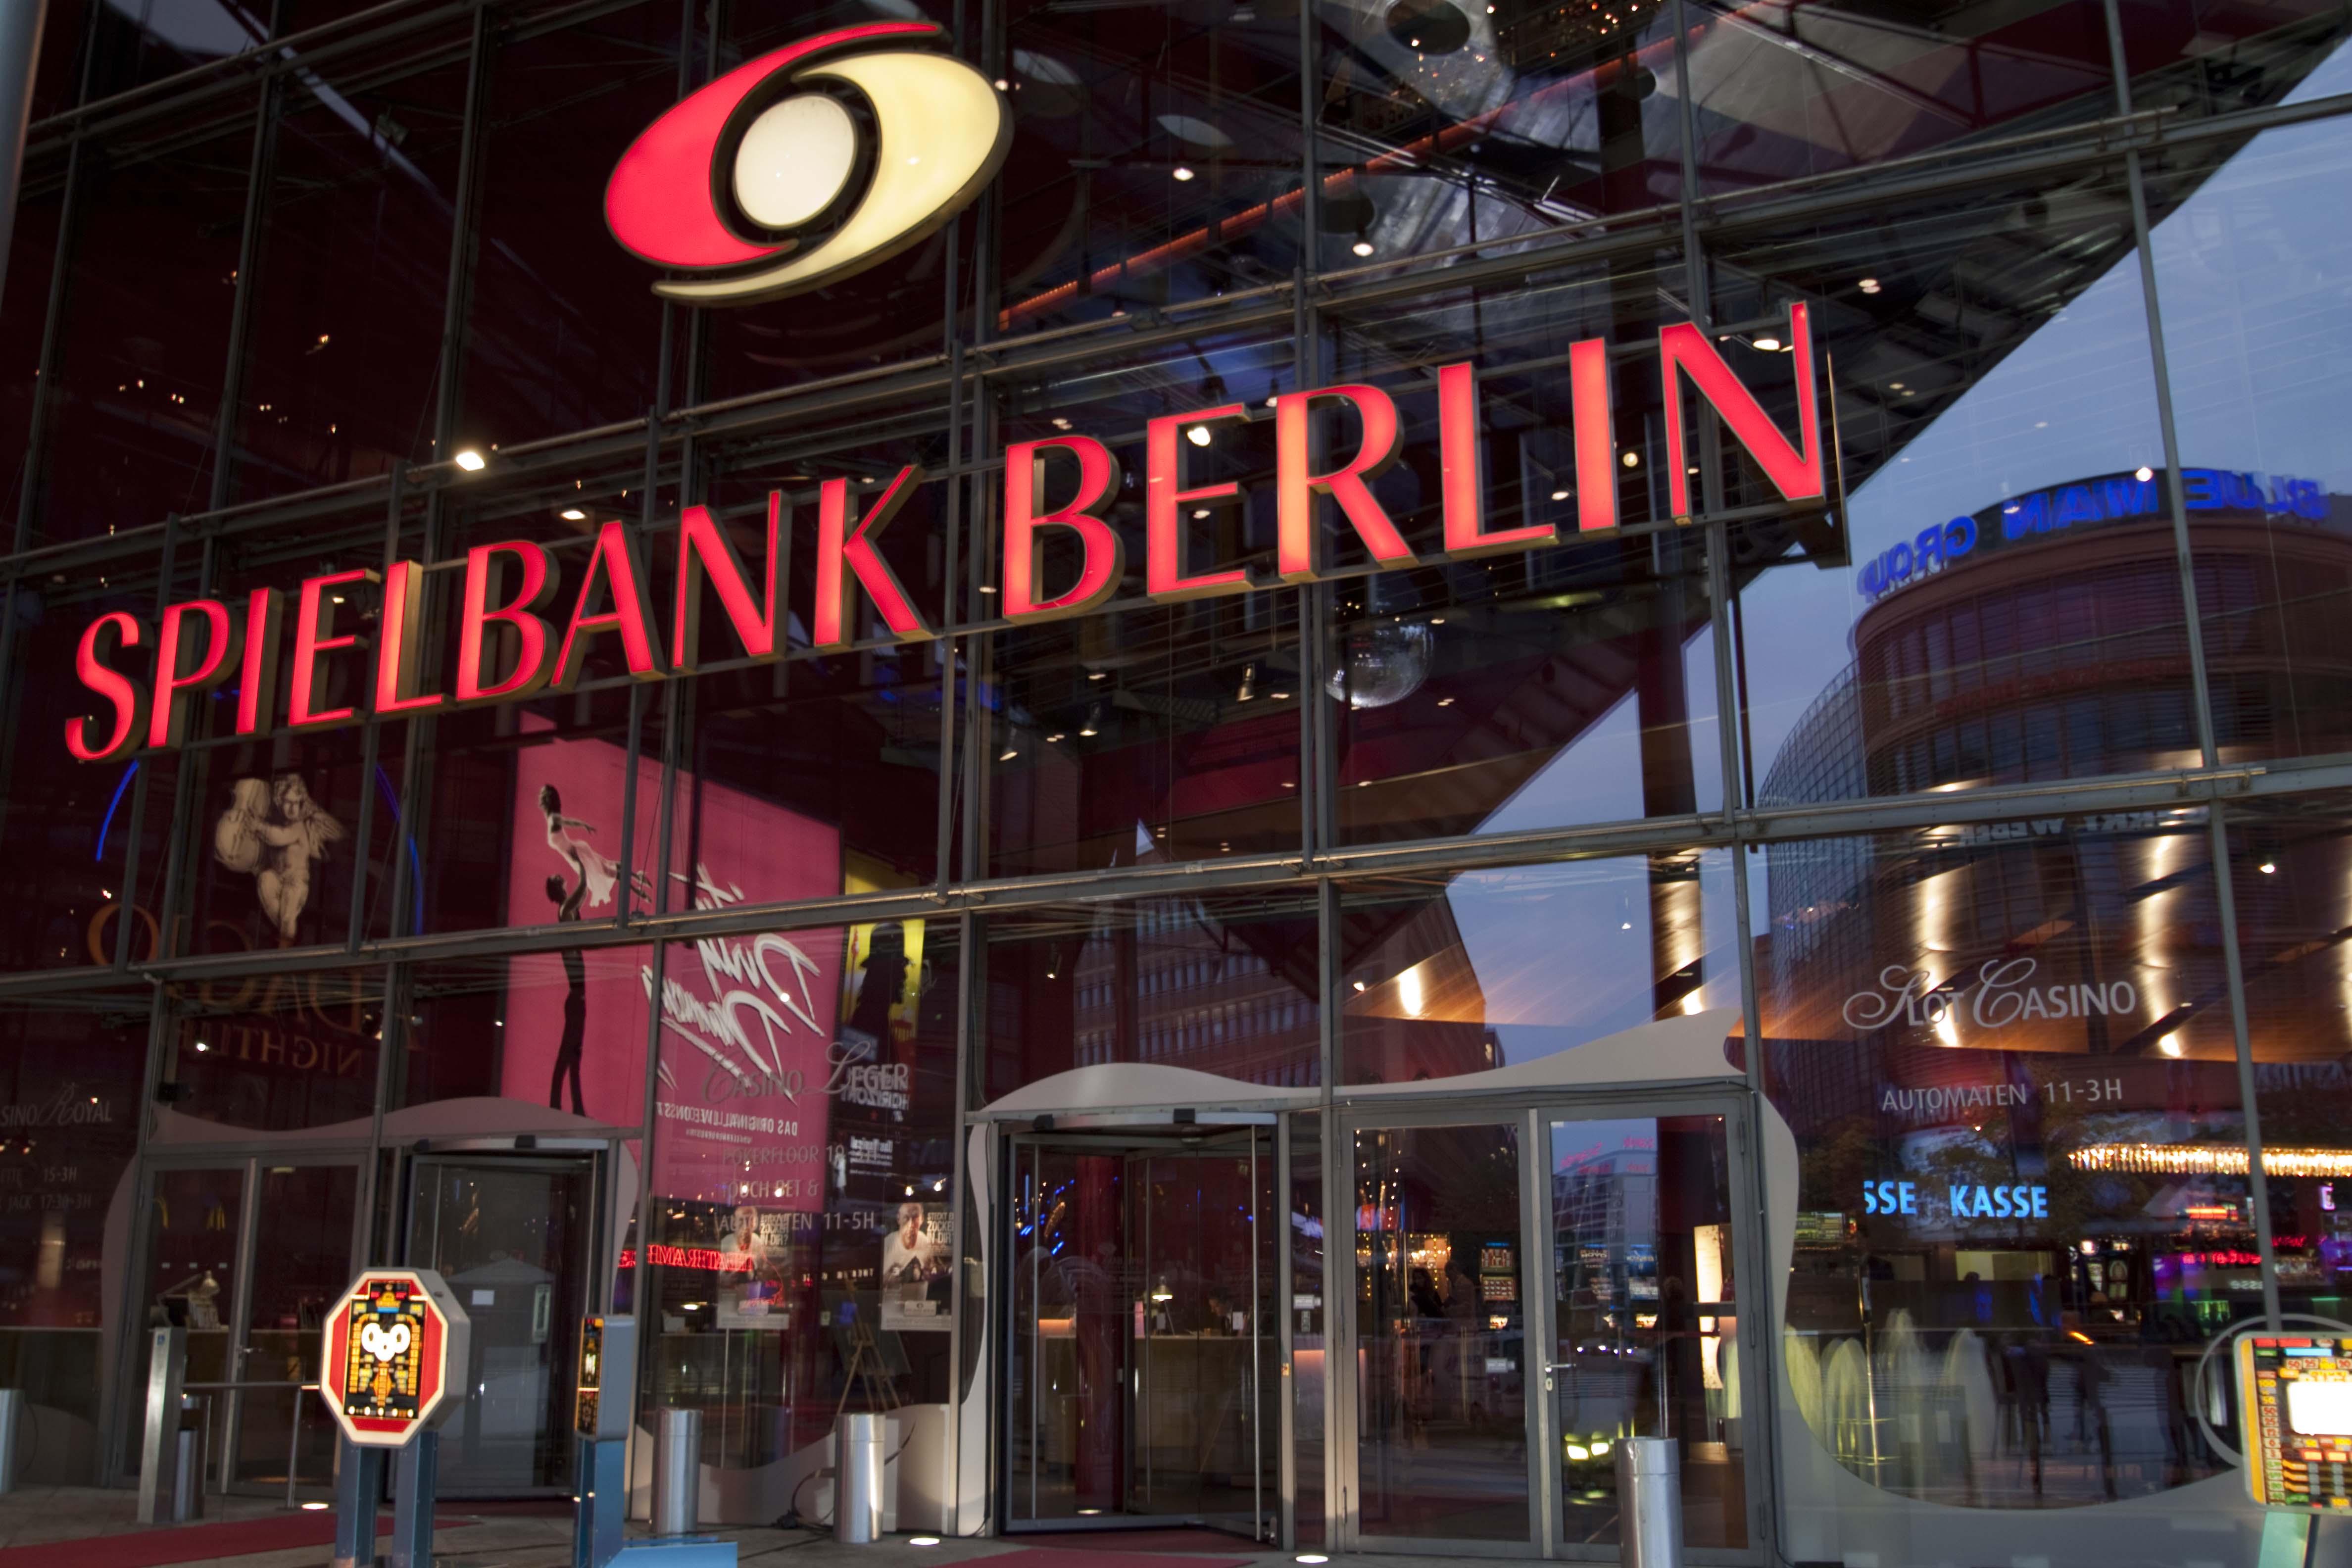 Spielbank Berlin Hasenheide